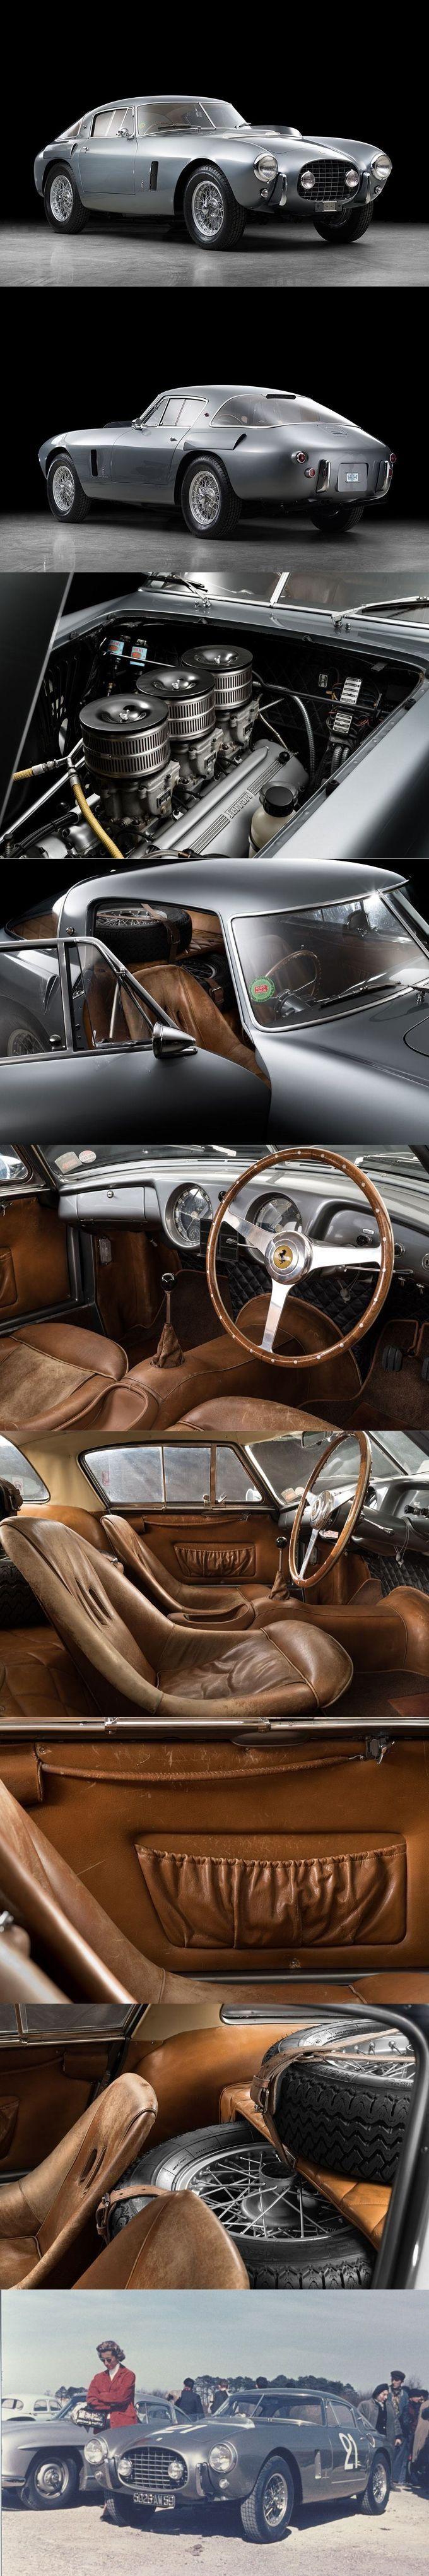 6566090bb58e86cc40c39a65d8bef4ae Marvelous Ferrari Mondial 8 Te Koop Cars Trend